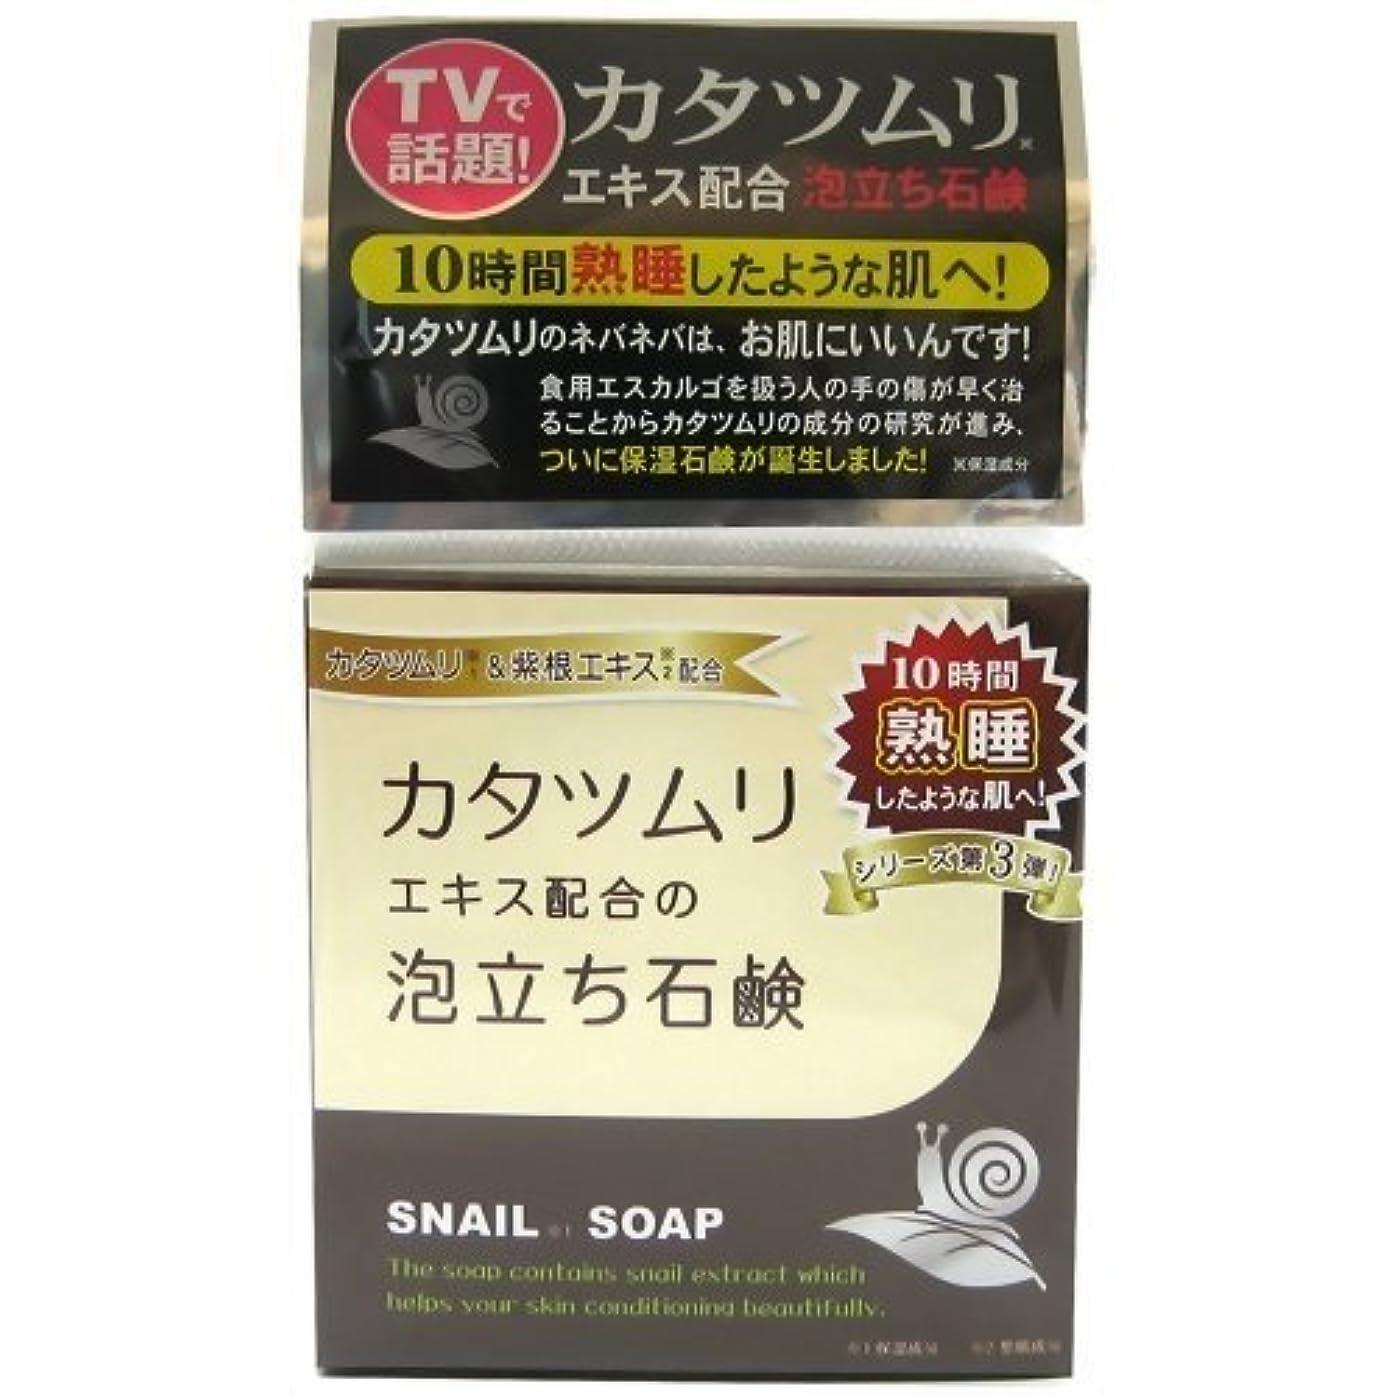 ケージ施し亡命カタツムリ石鹸 100g